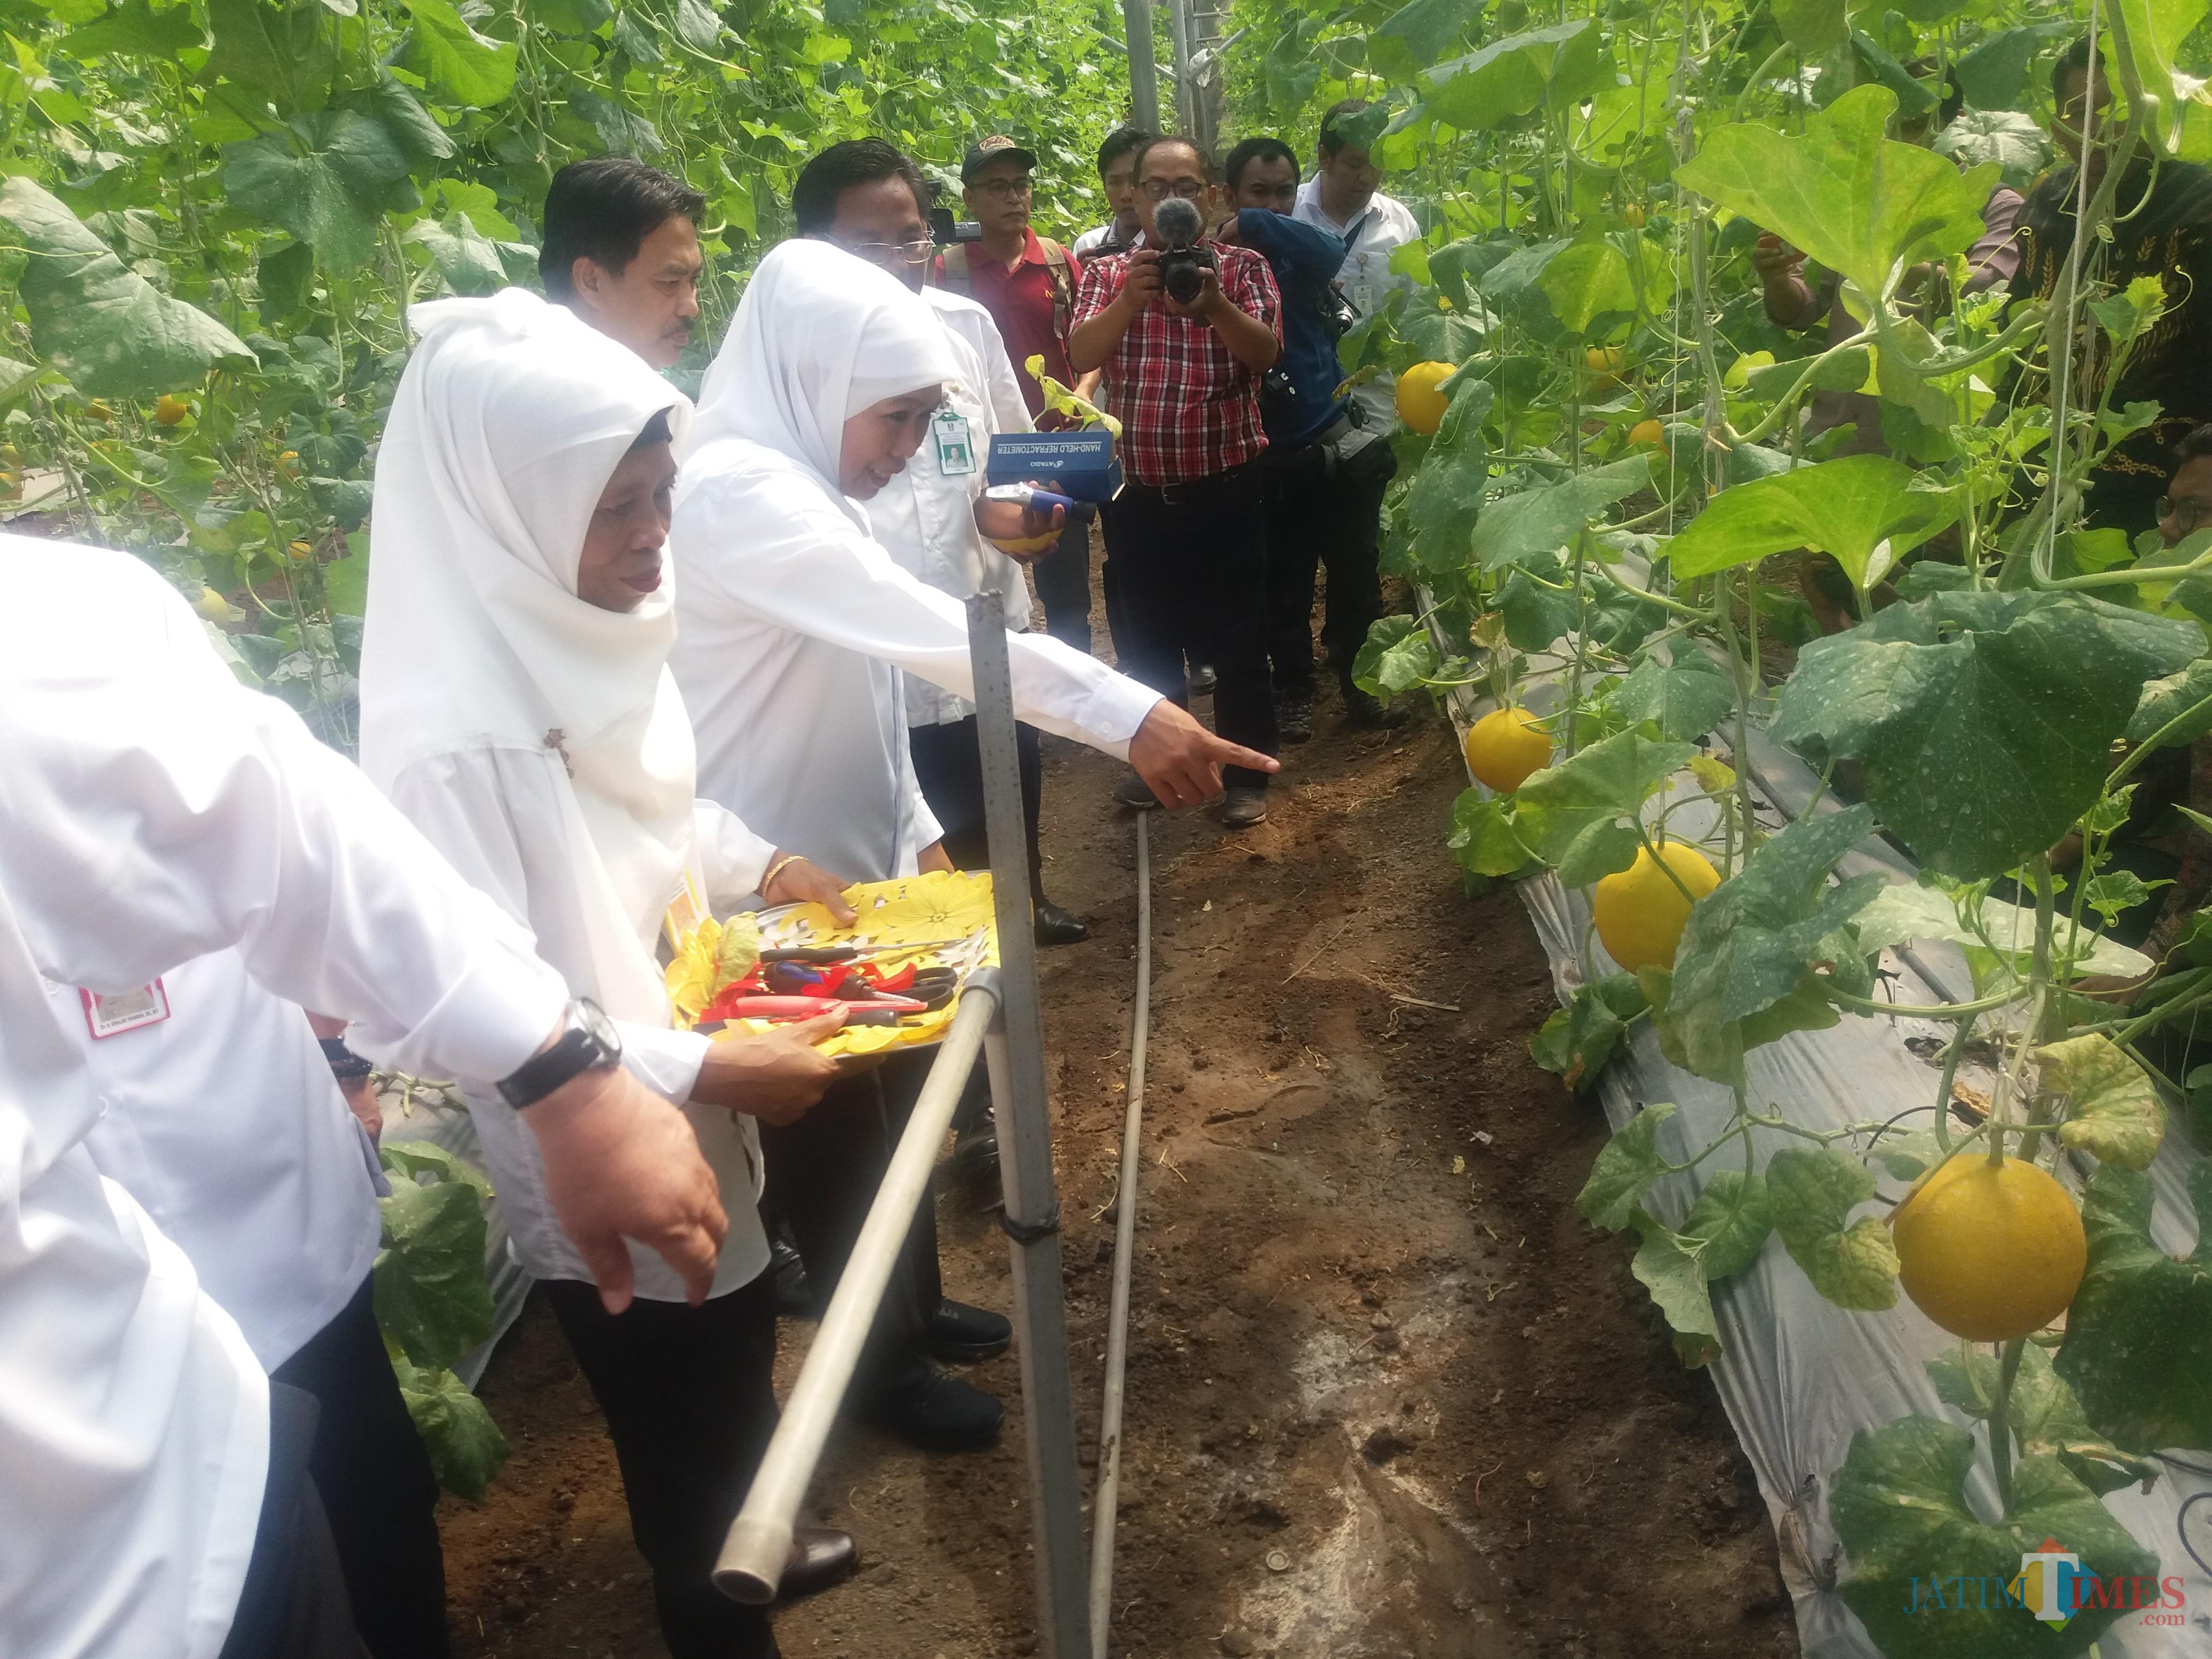 Gubernur Khofifah saat panen Melon Prima di UPT Pengembangan Agrobisnis Tanaman Pangan dan Holtikultura